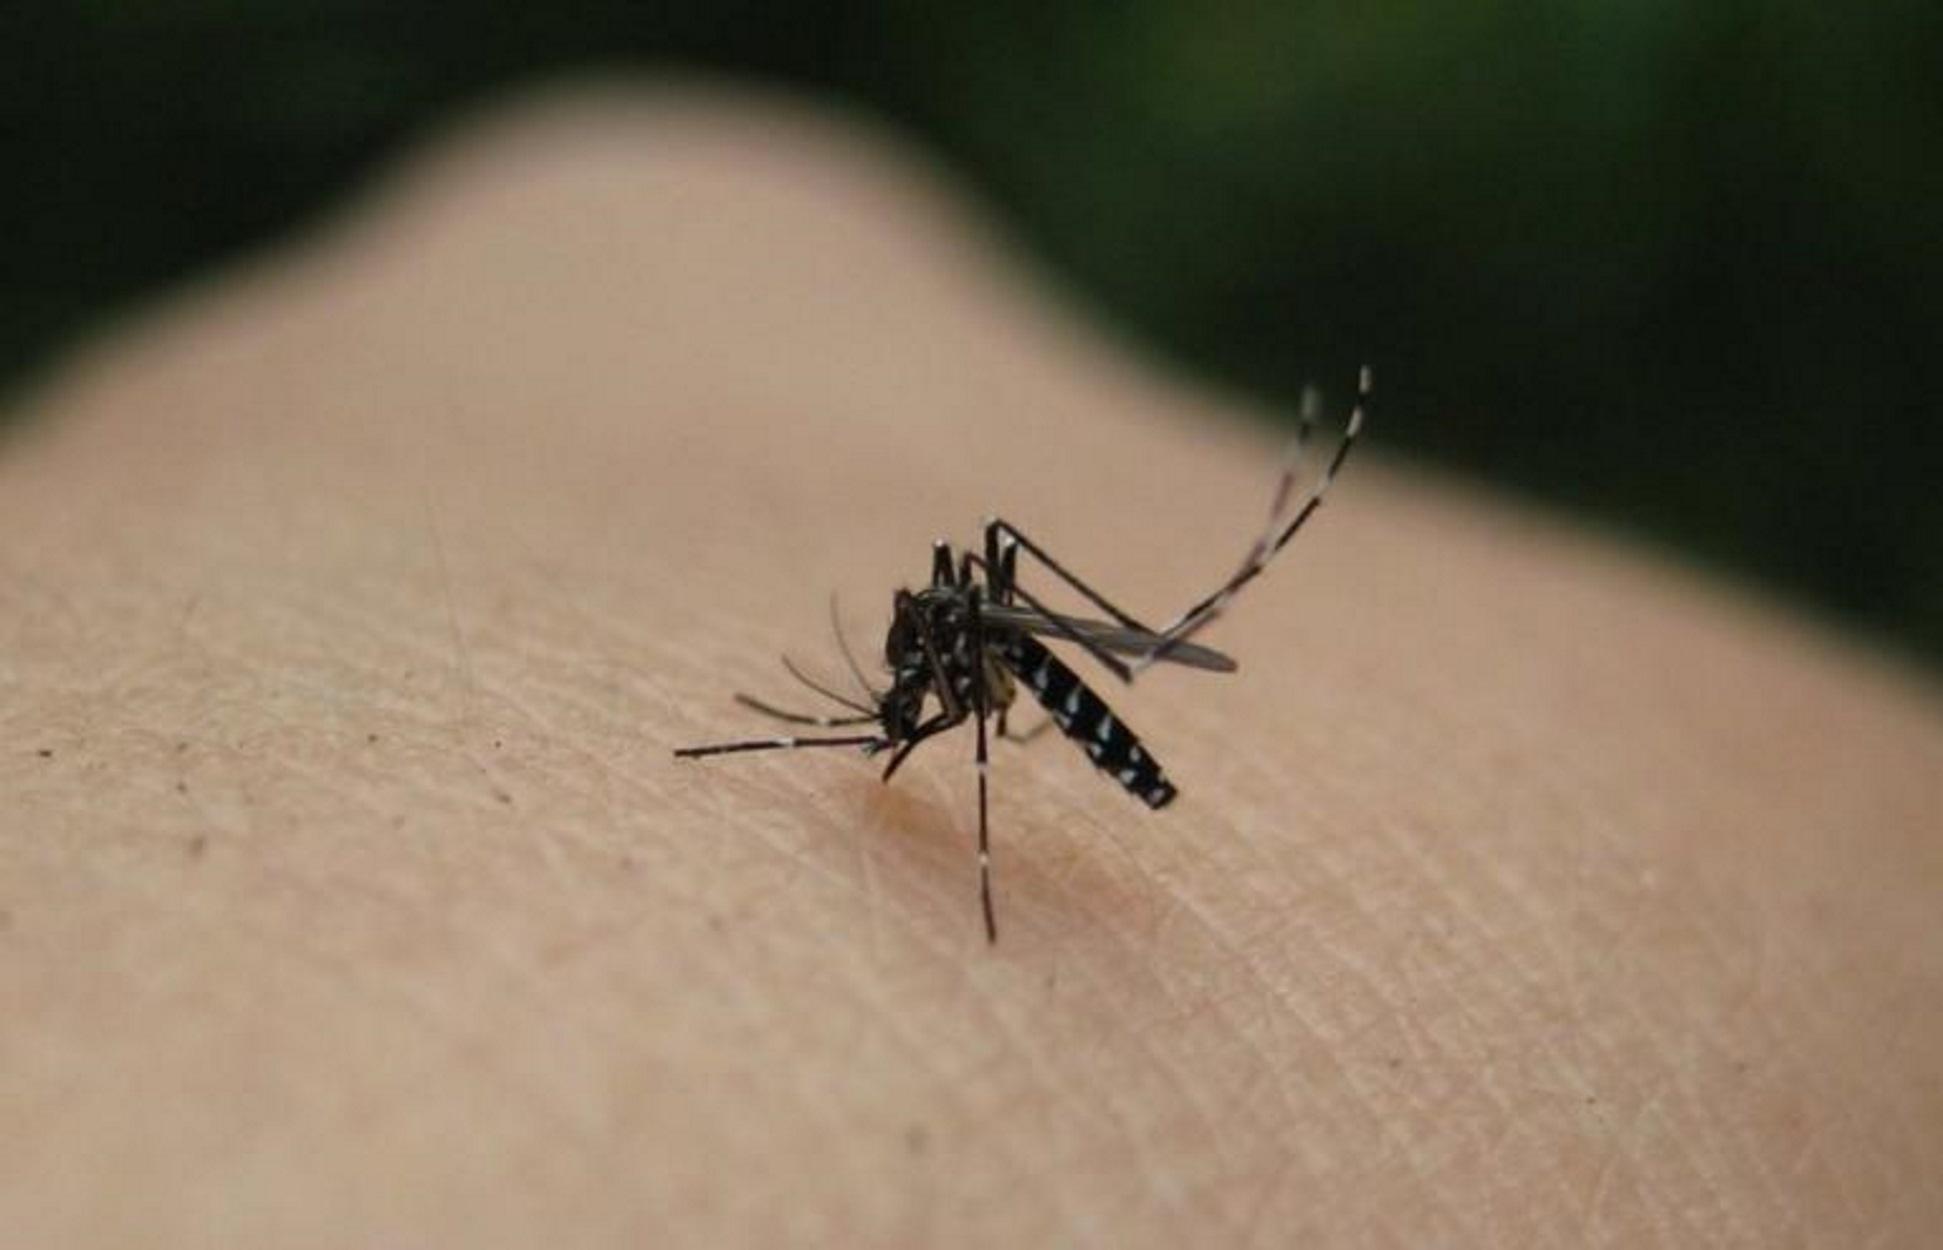 Πέντε νέα κρούσματα του ιού του Δυτικού Νείλου στην Ελλάδα!